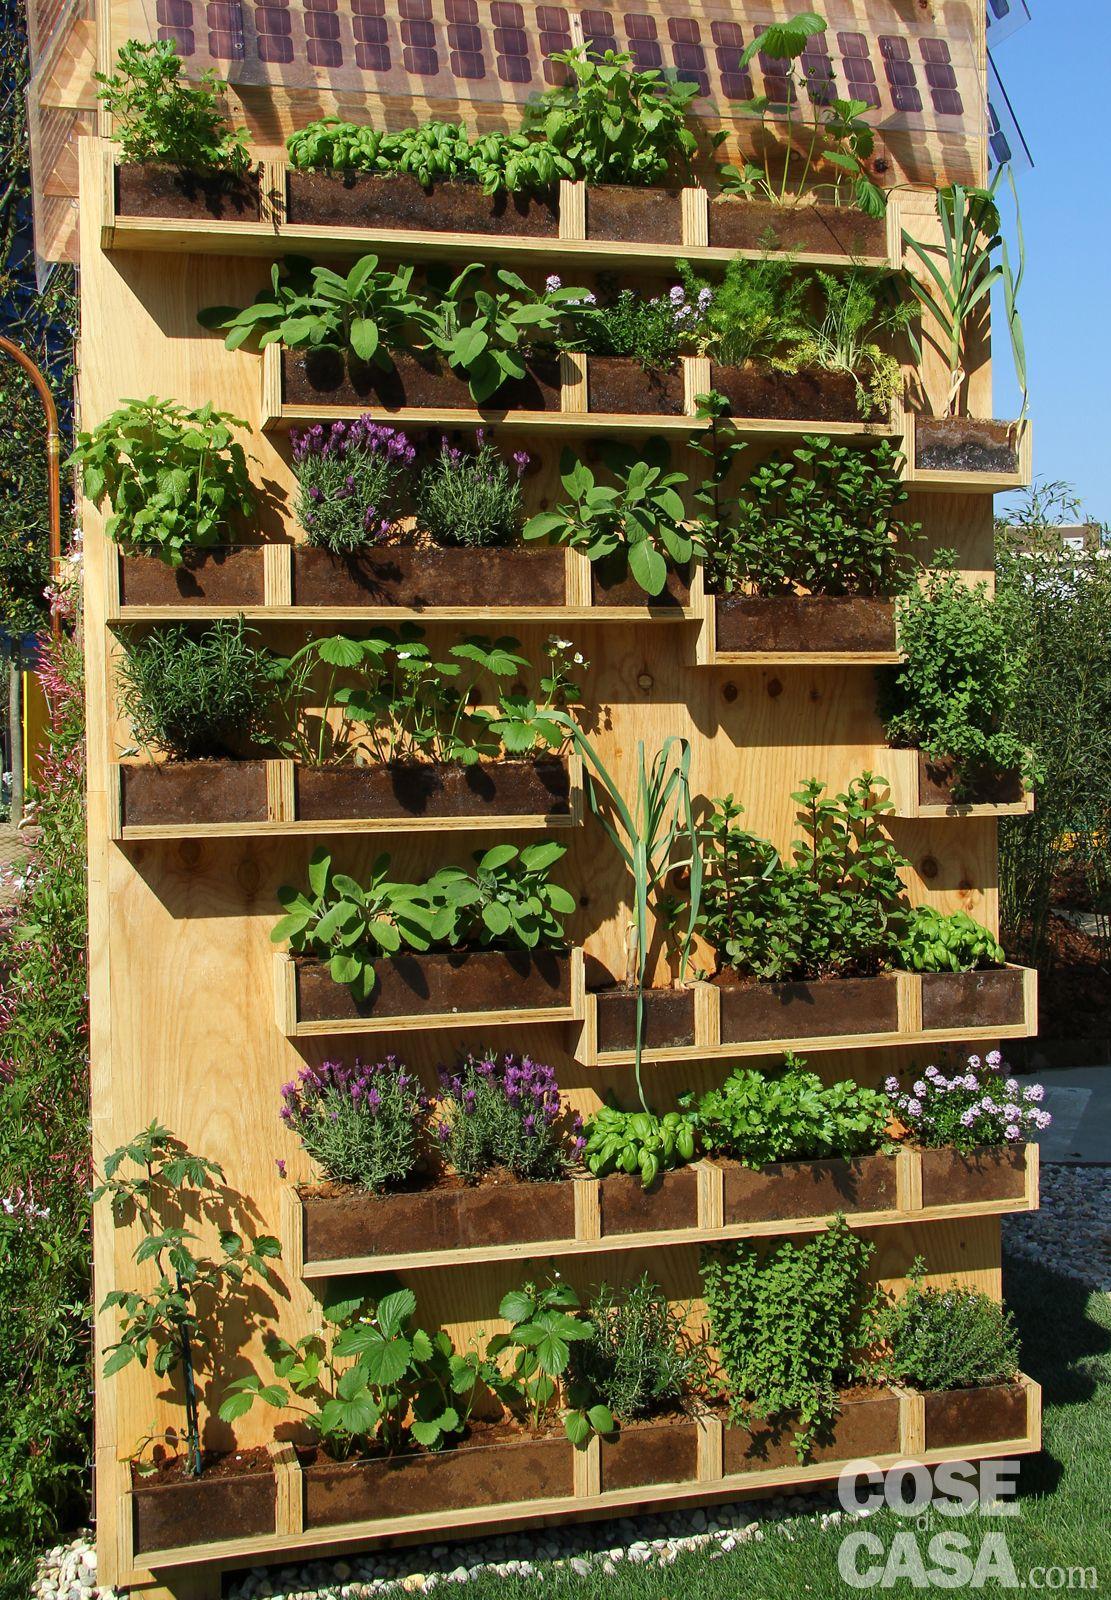 Una parete di aromatiche in balcone | gardening | Pinterest ...